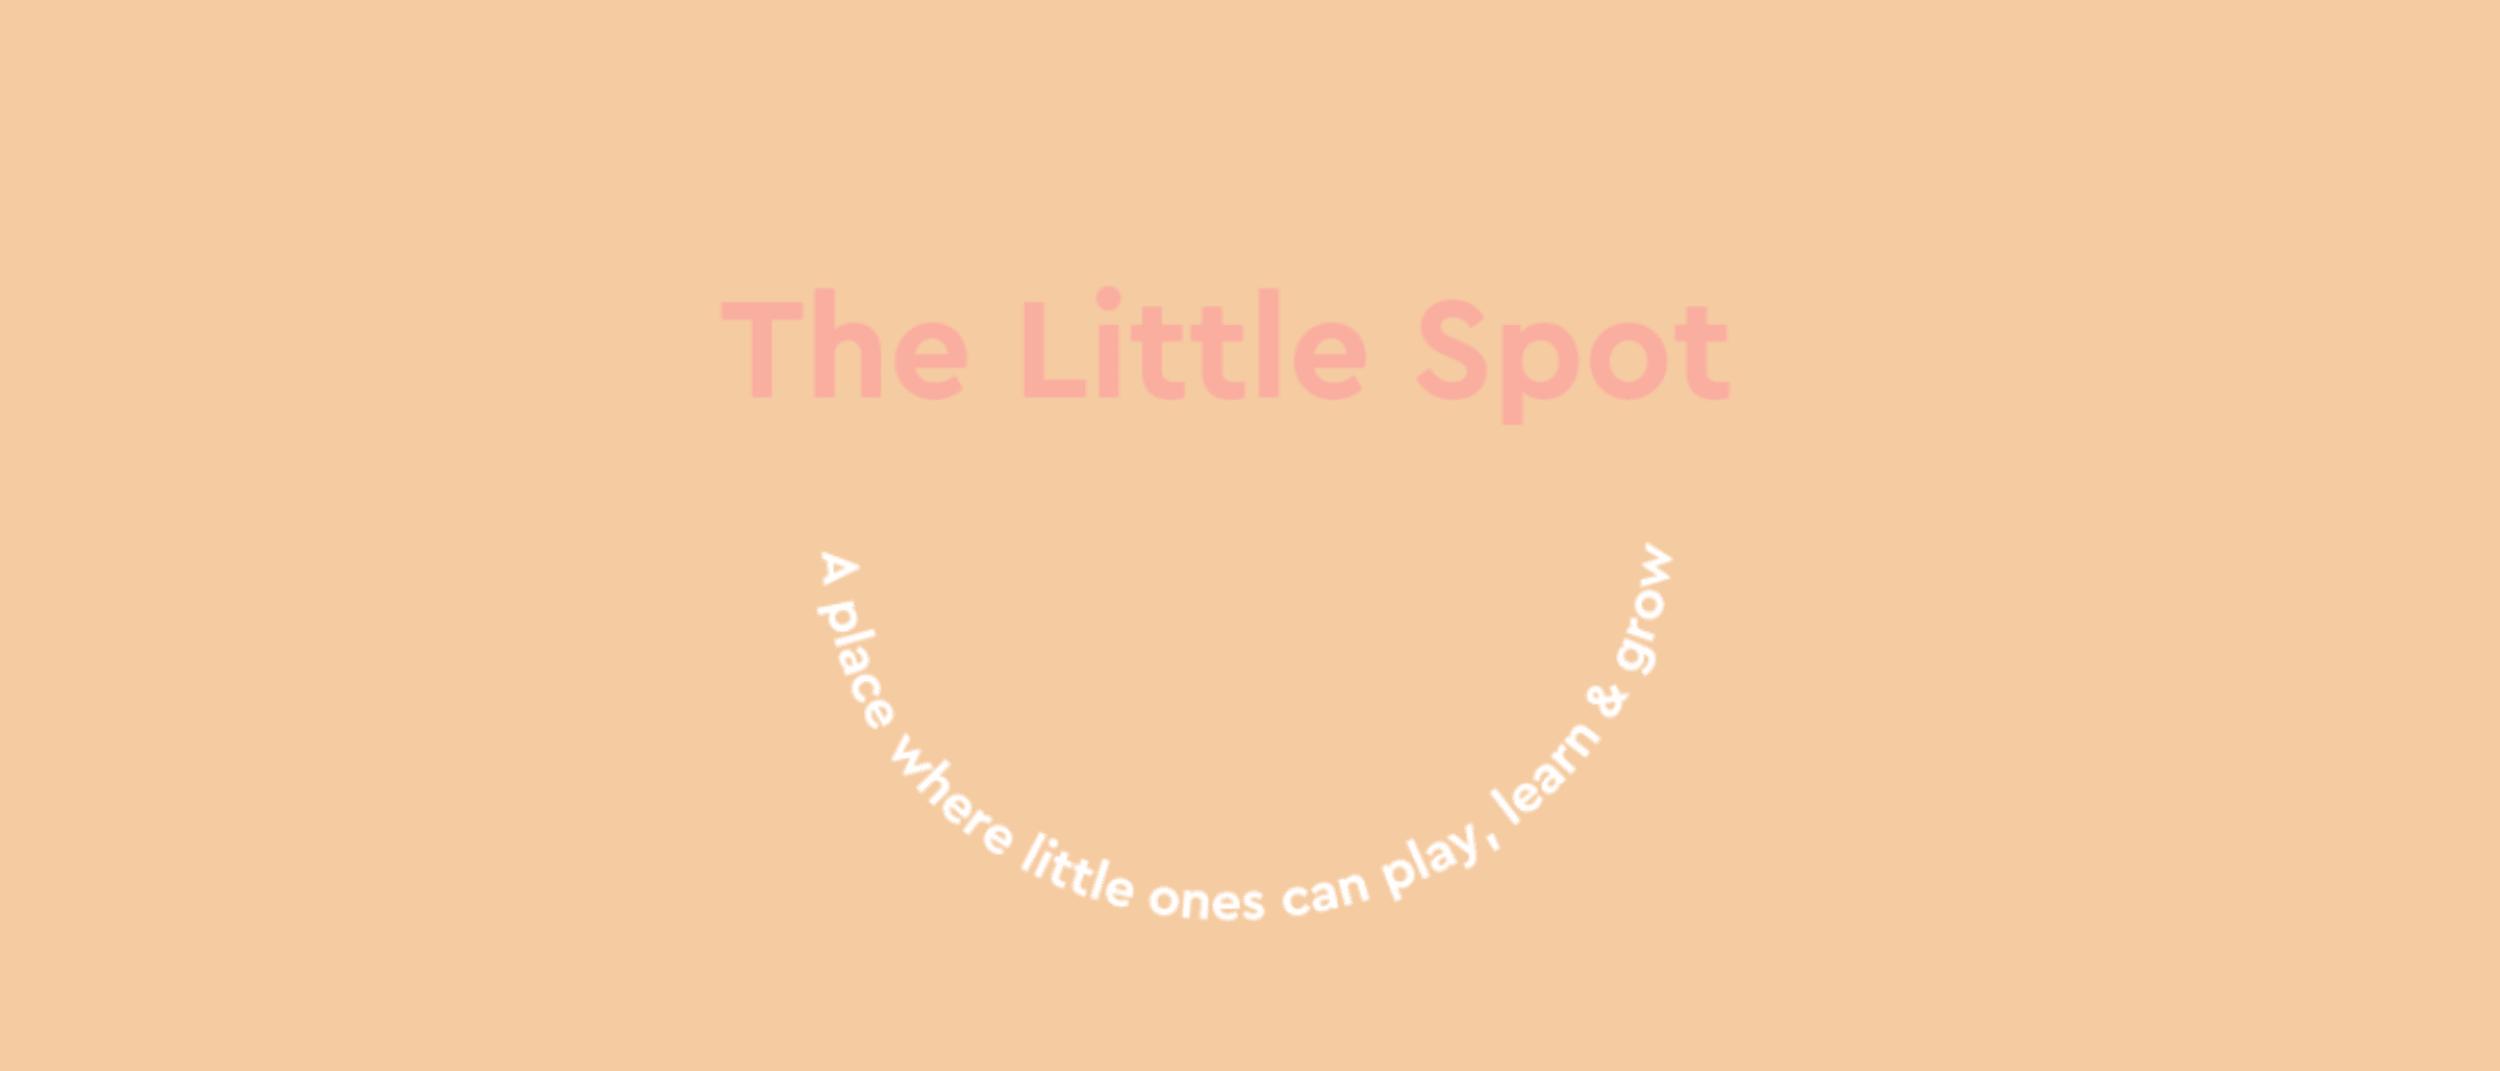 The Little Spot